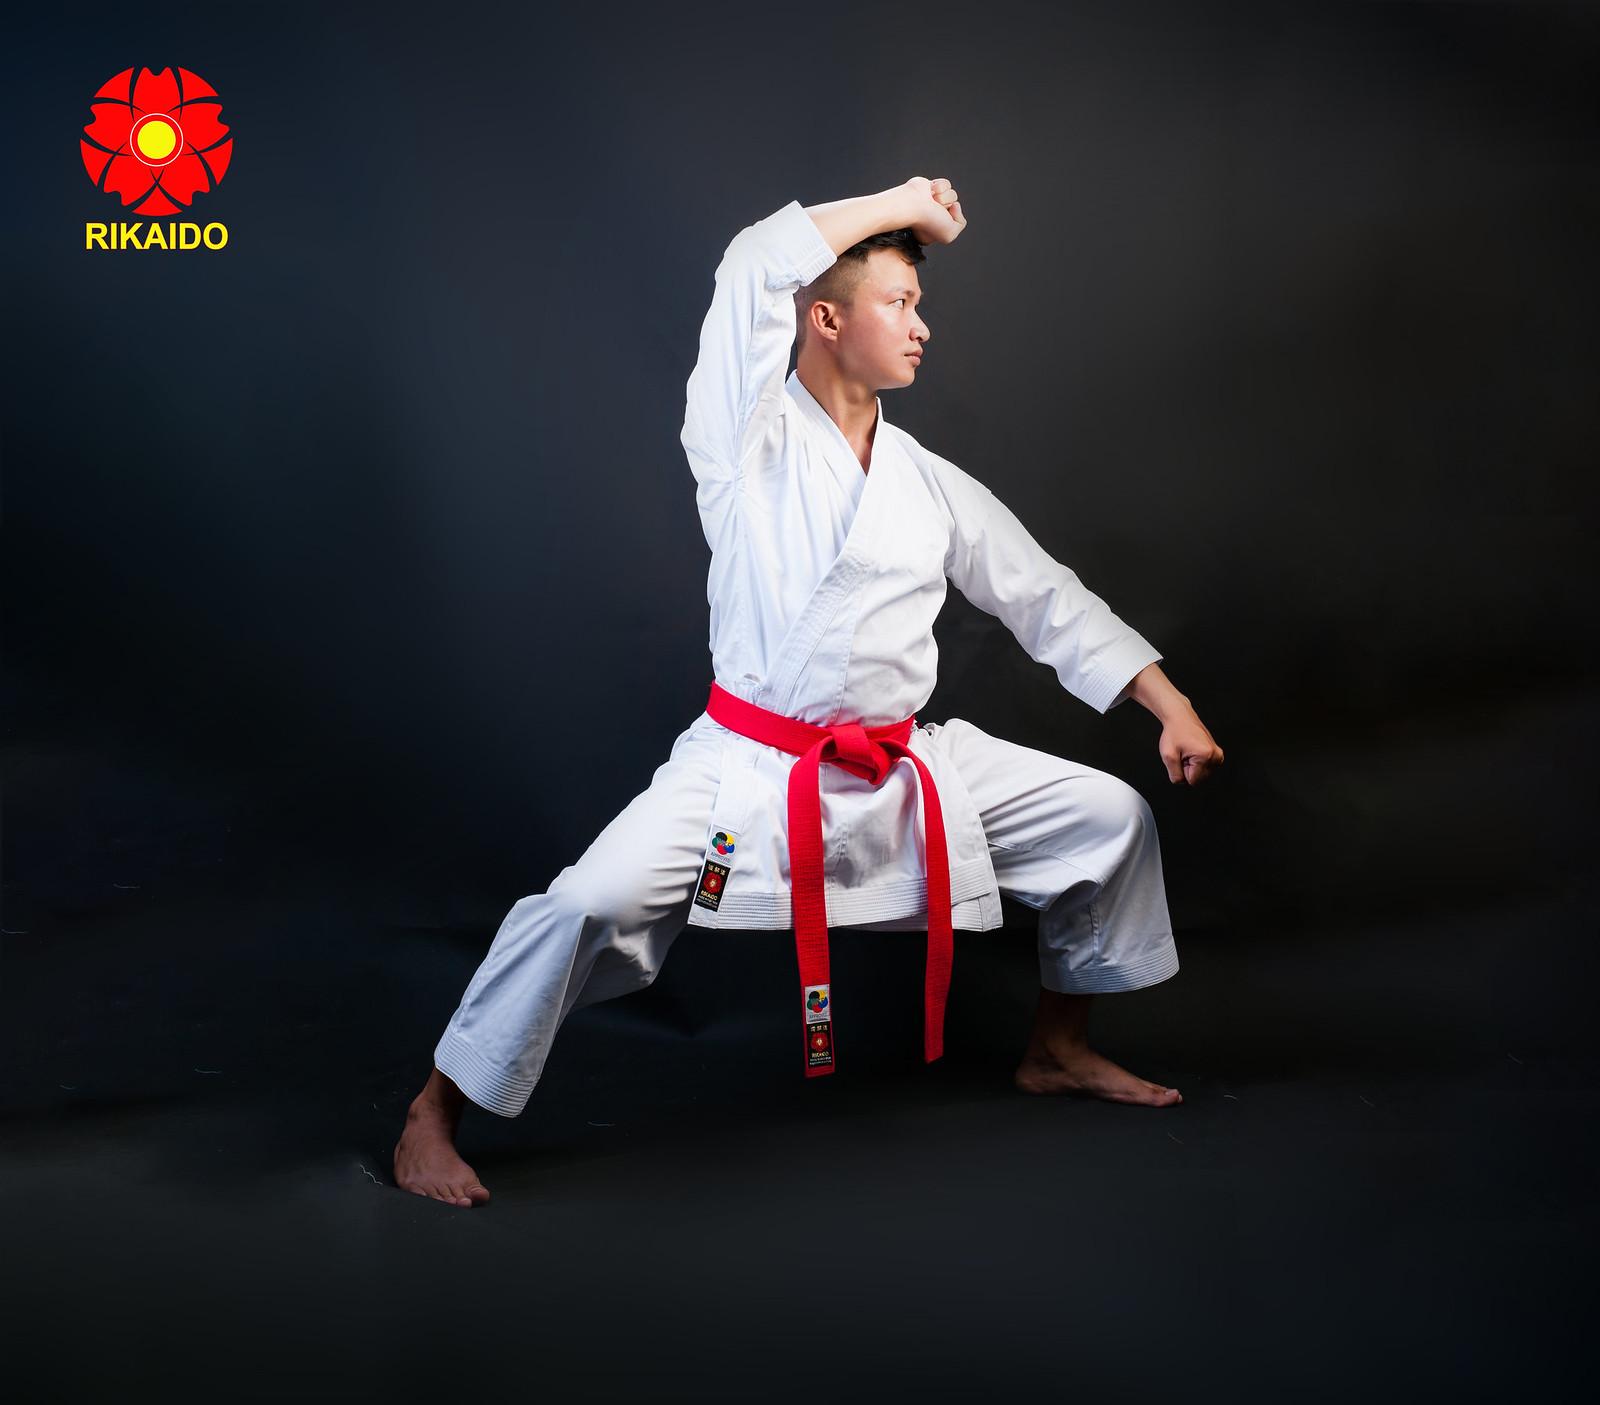 44101288031 20979e6365 h - Ảnh nghệ thuật karate chụp trong studio